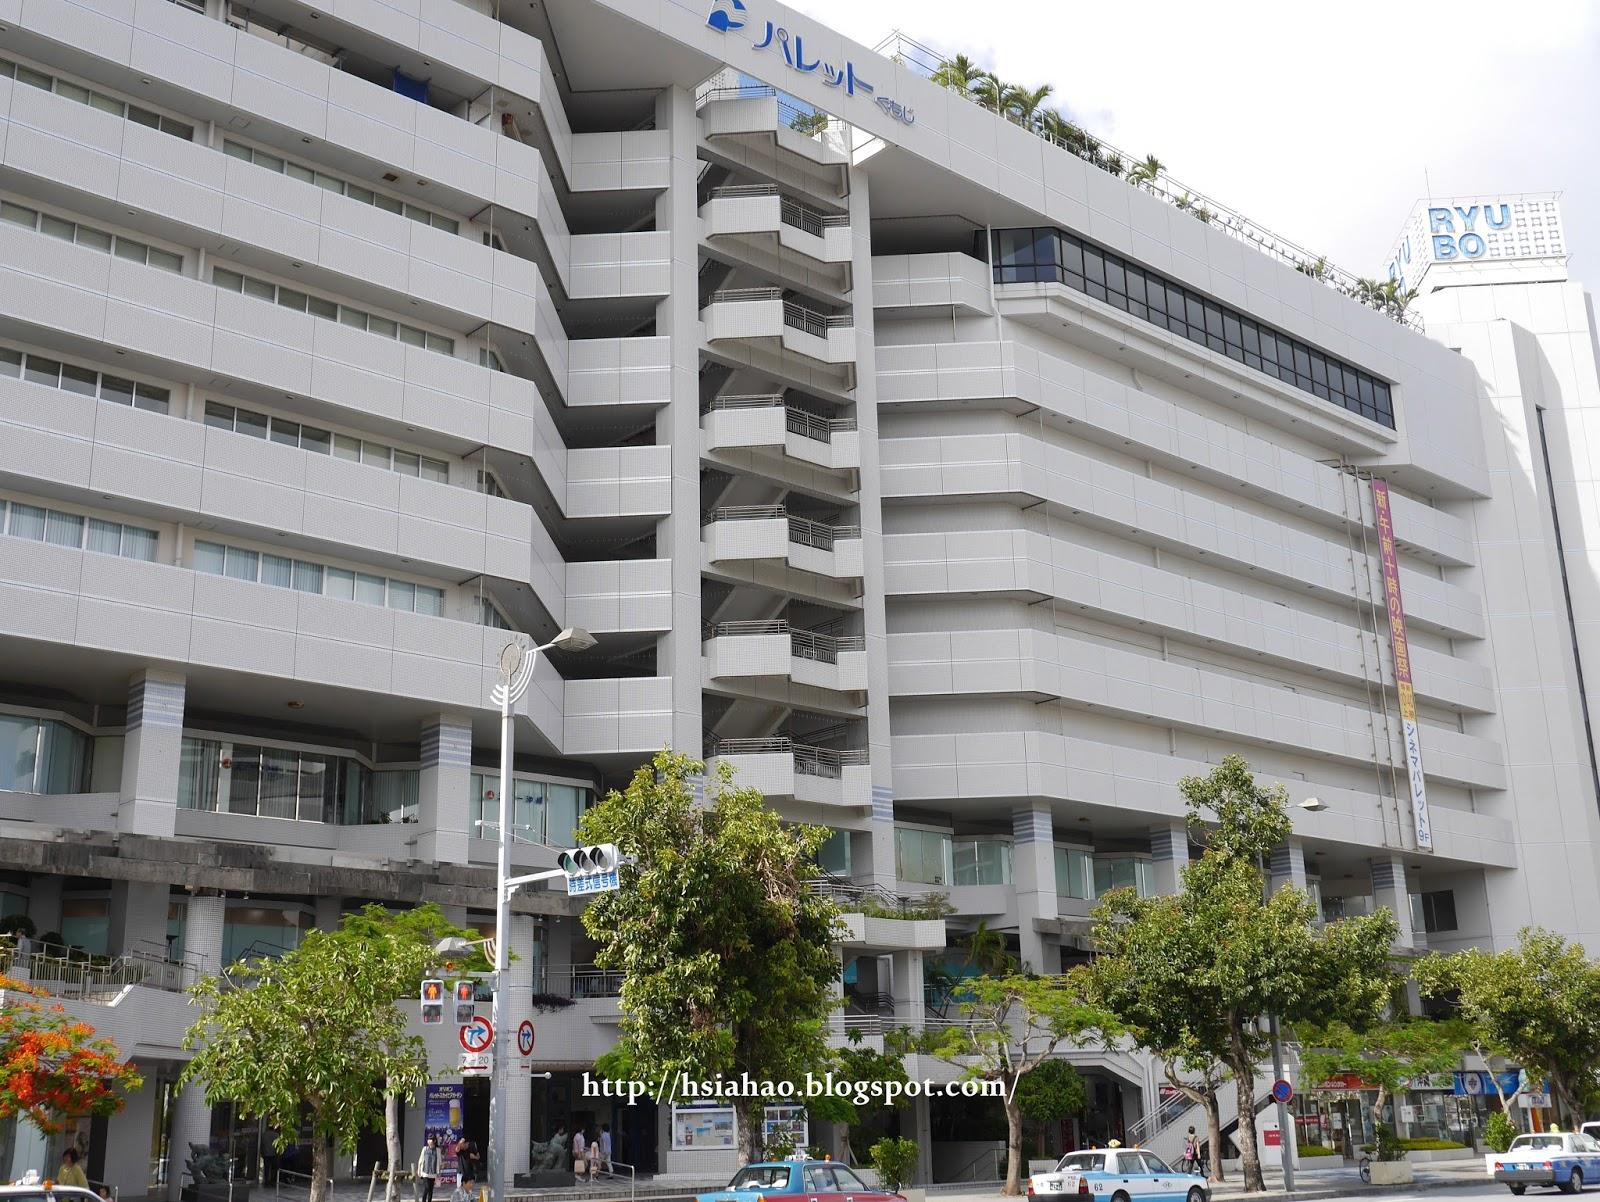 沖繩-Ryubo-國際通-逛街-購物-景點-自由行-Okinawa-kokusaidori